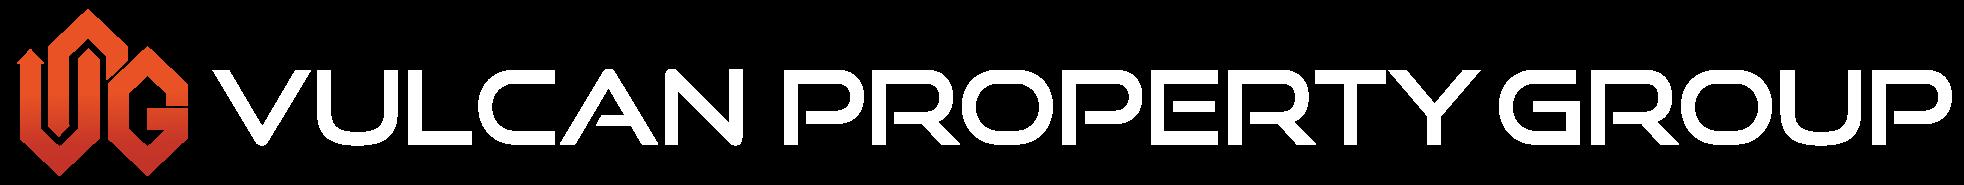 VPG-logo-white-Long-horinzontal